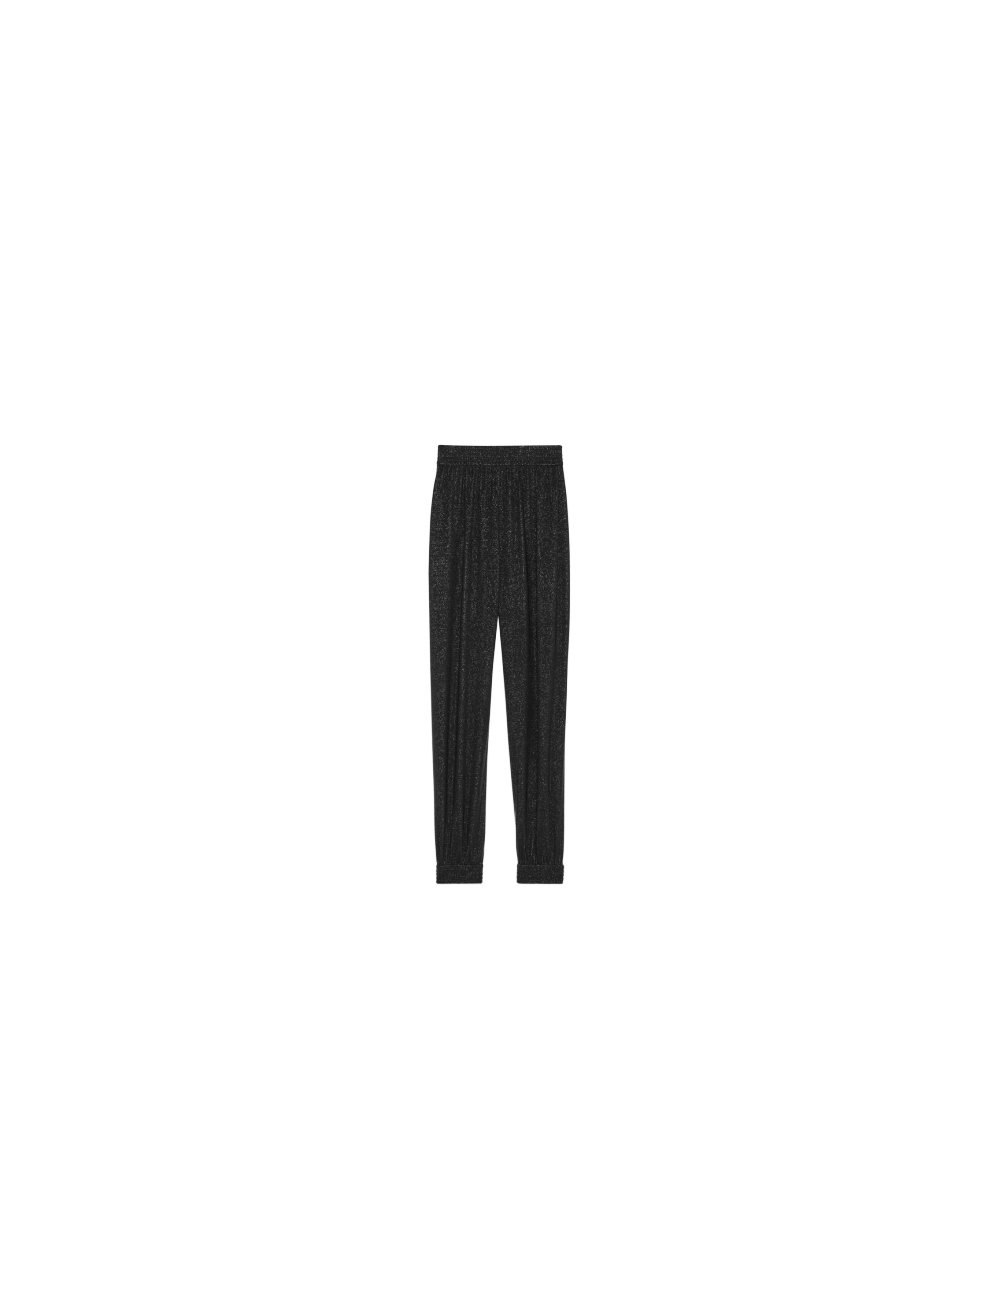 Pantalon fluide Saint Laurent - BIG BOSS MEGEVE